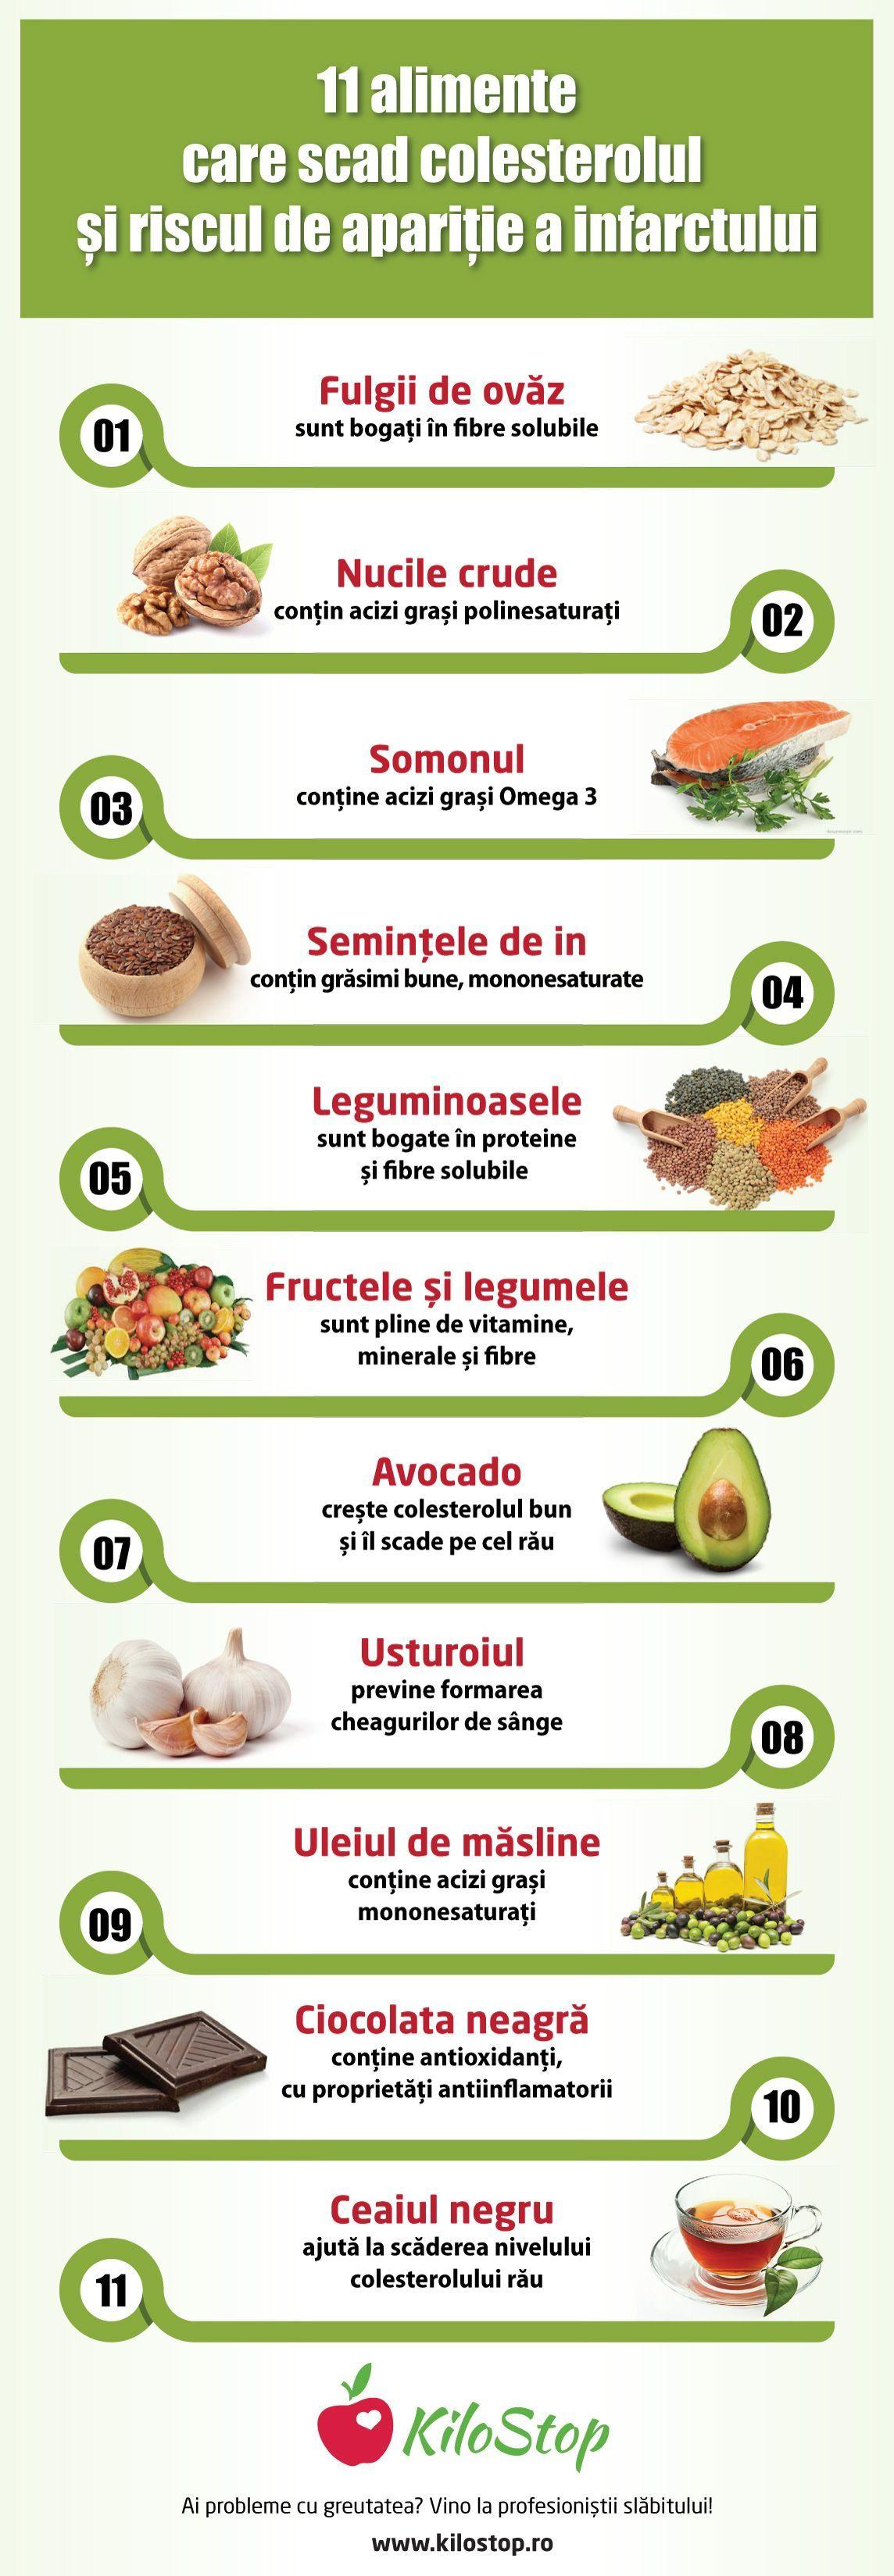 Revizuirea dietei cu 1.200 de calorii: funcționează pentru pierderea în greutate?